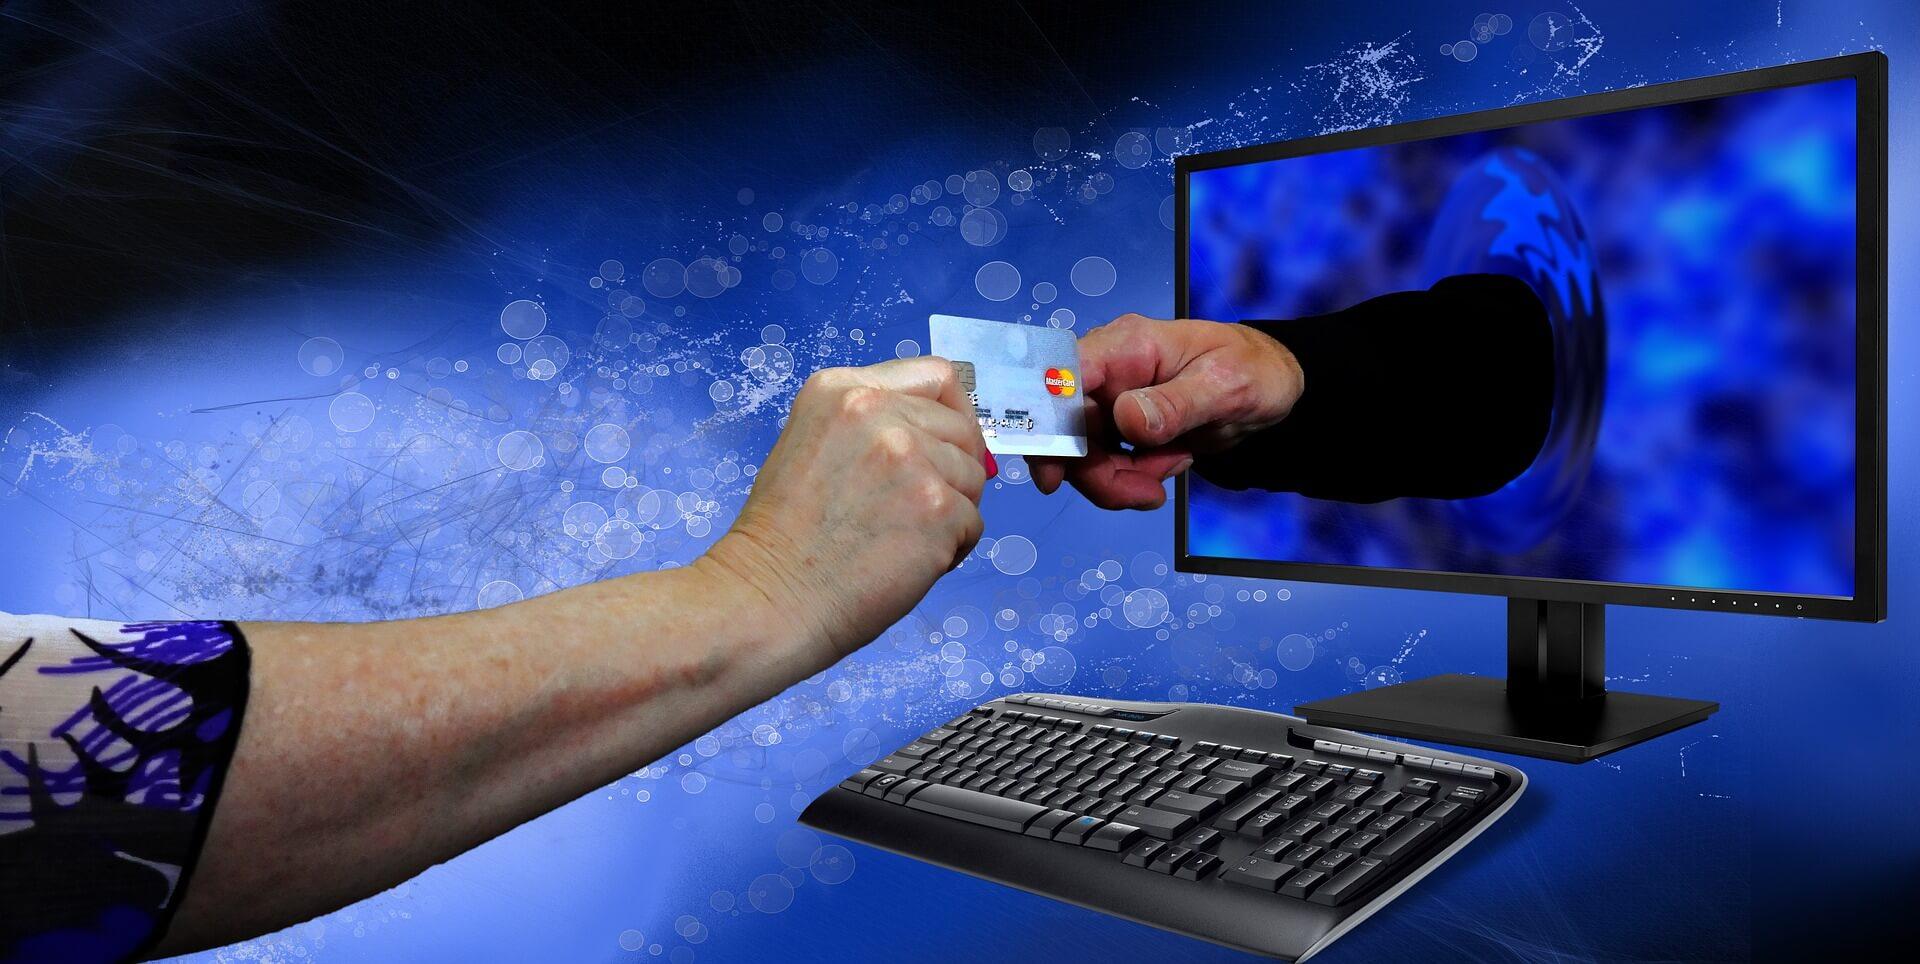 ¿Cómo apostar en Bet365 sin tarjeta de crédito?